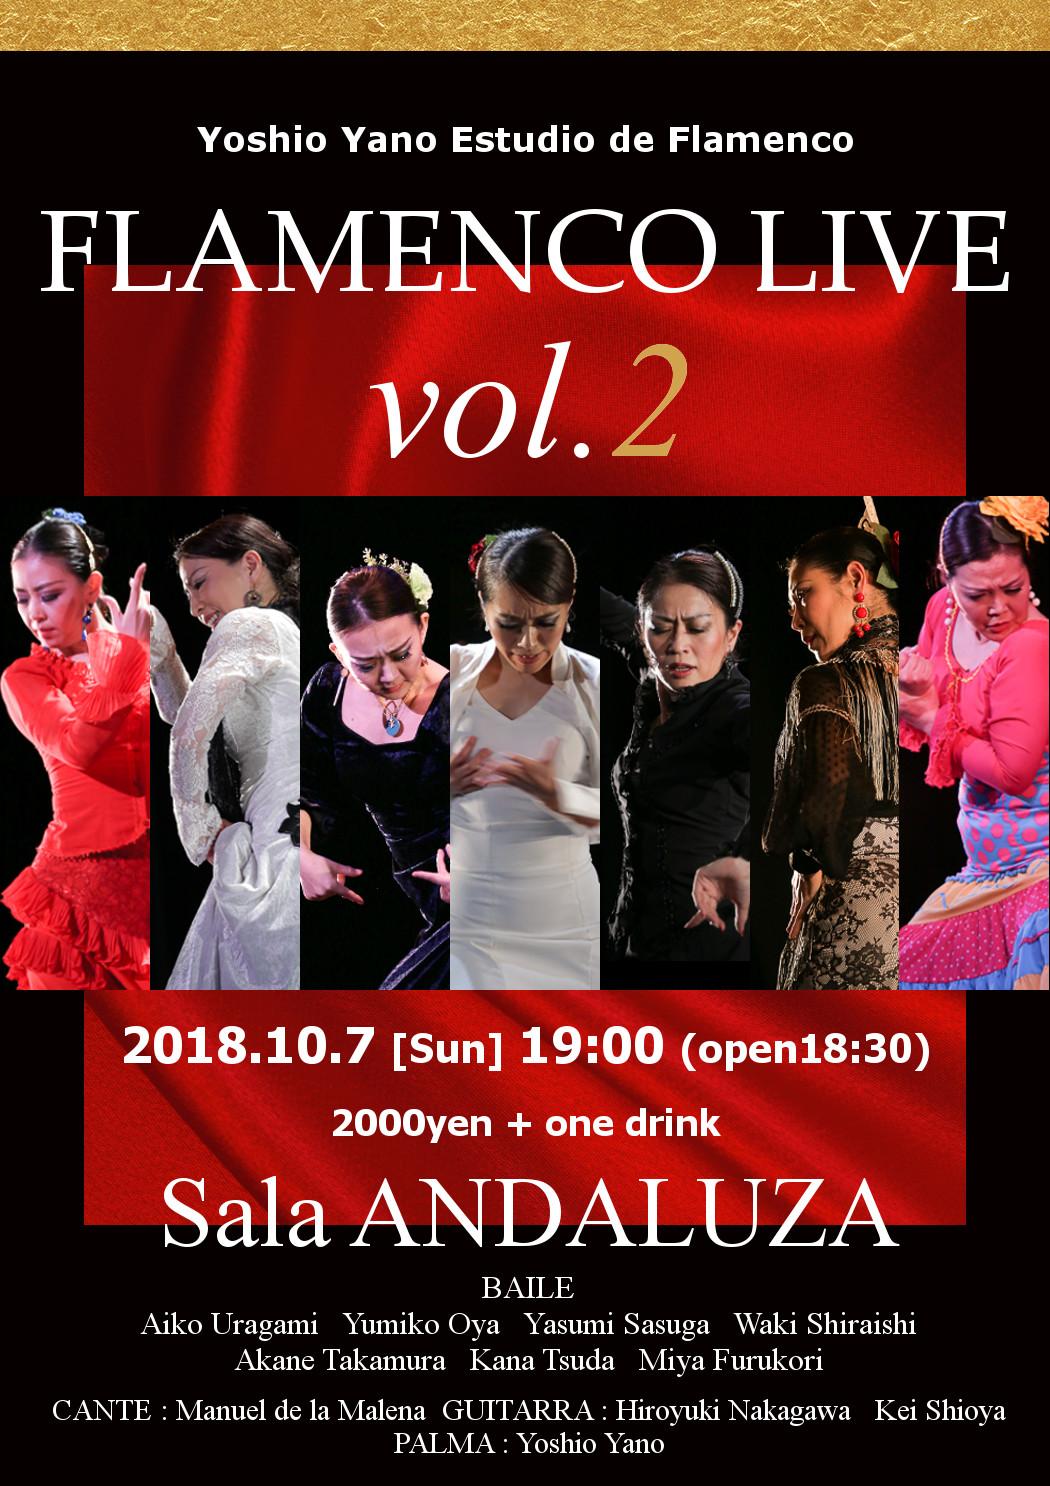 フラメンコライブ vol.2 サラアンダルーサ